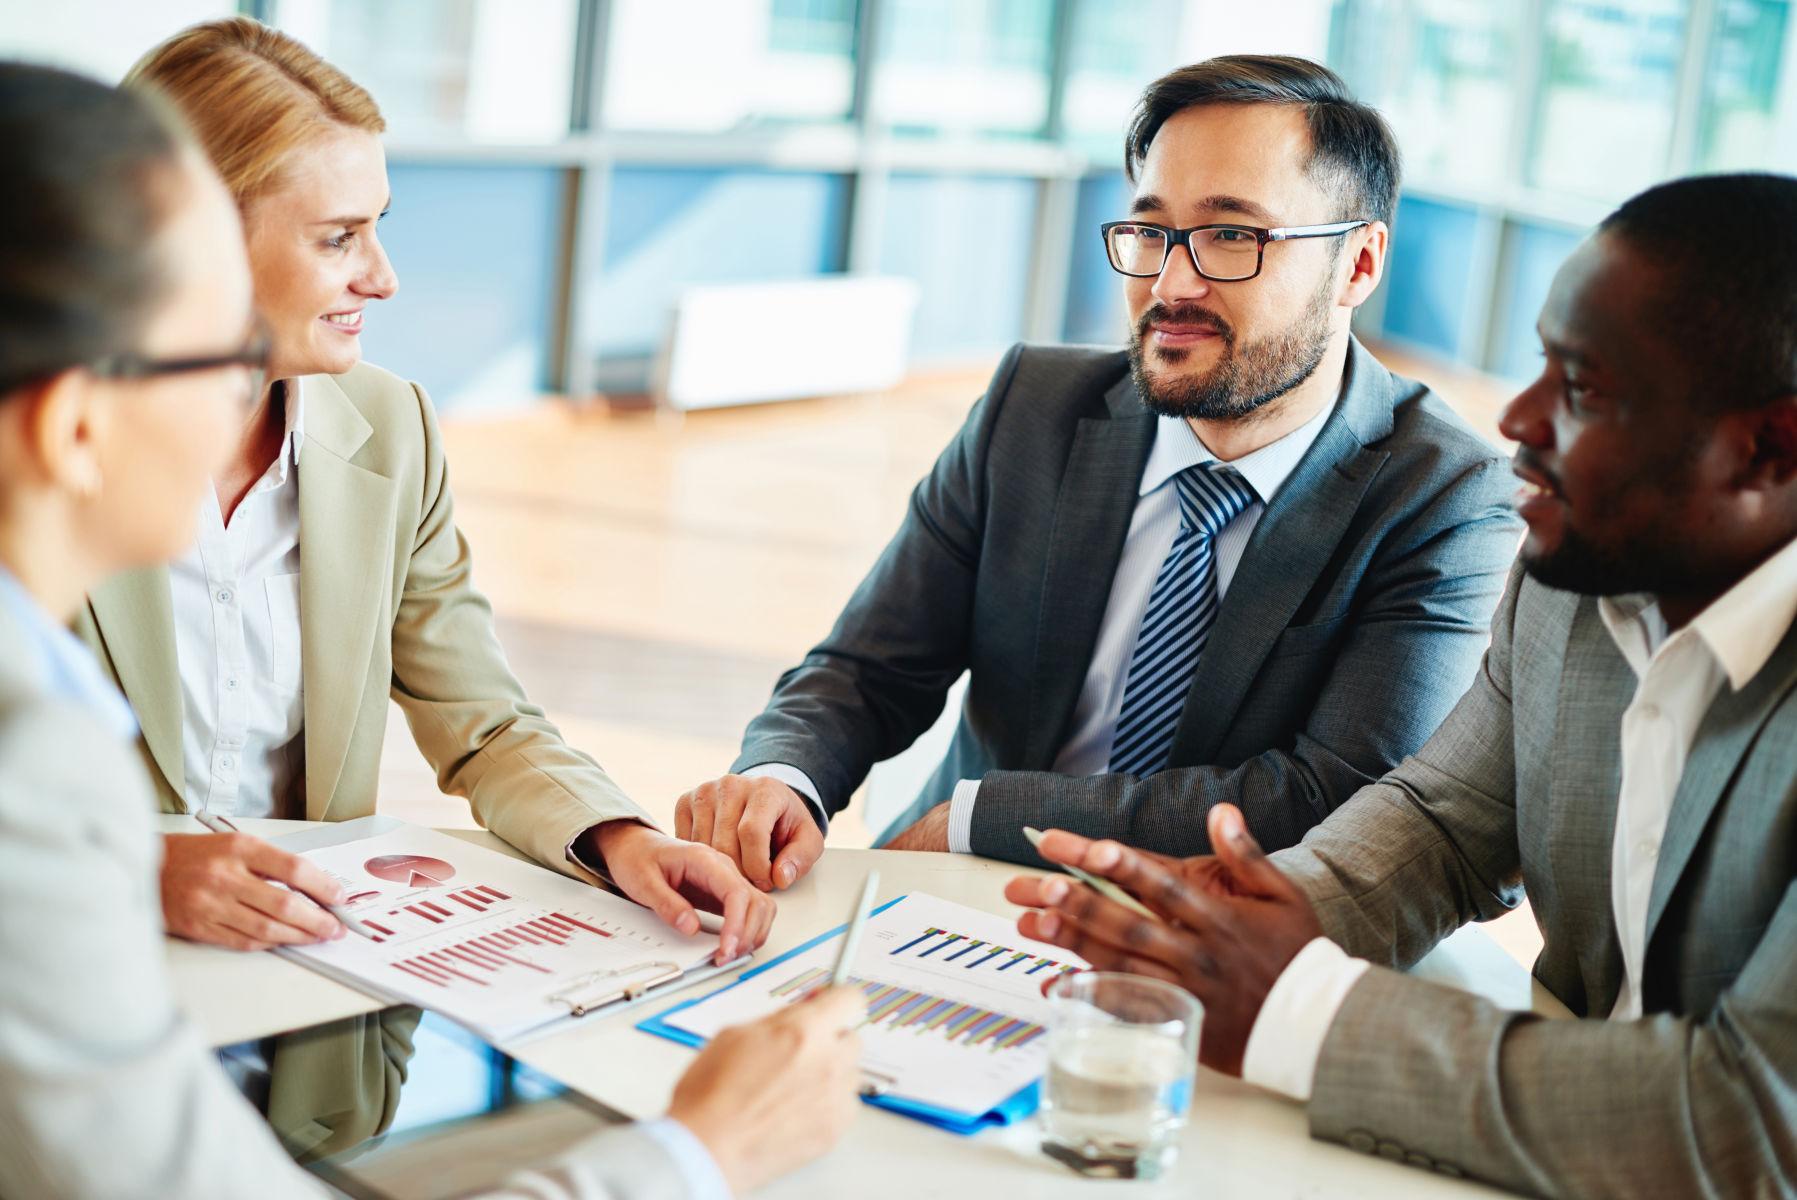 drei Personen in einer Business-Beratung